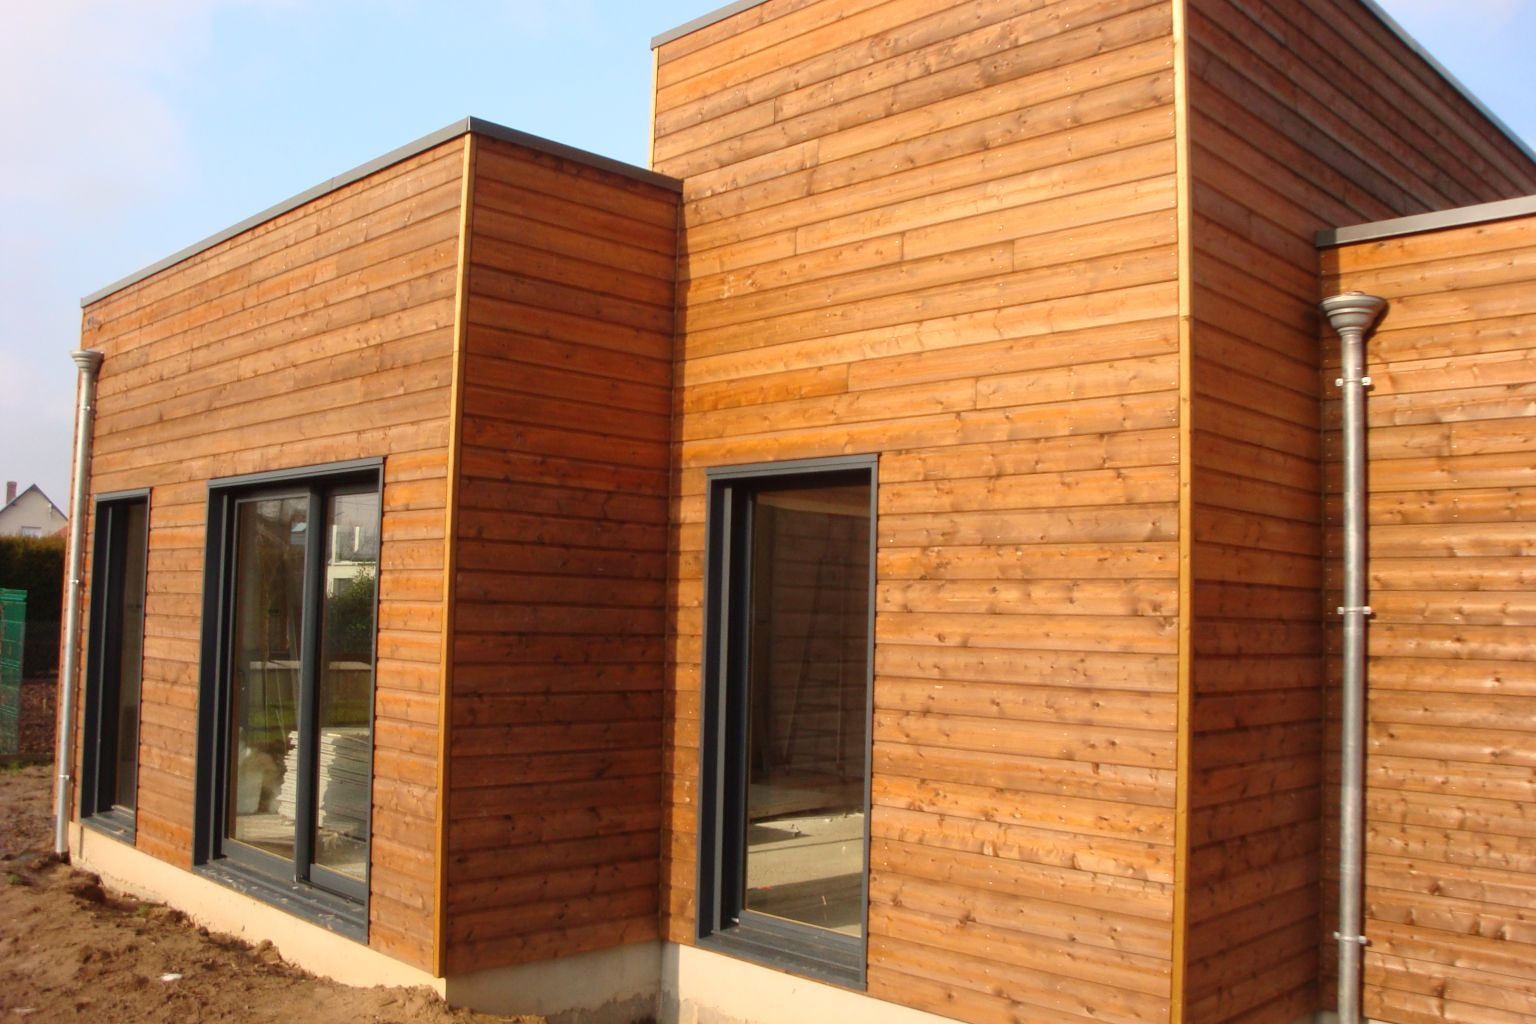 Maison bois Plain pied Luneray (76810) > DJSLBois